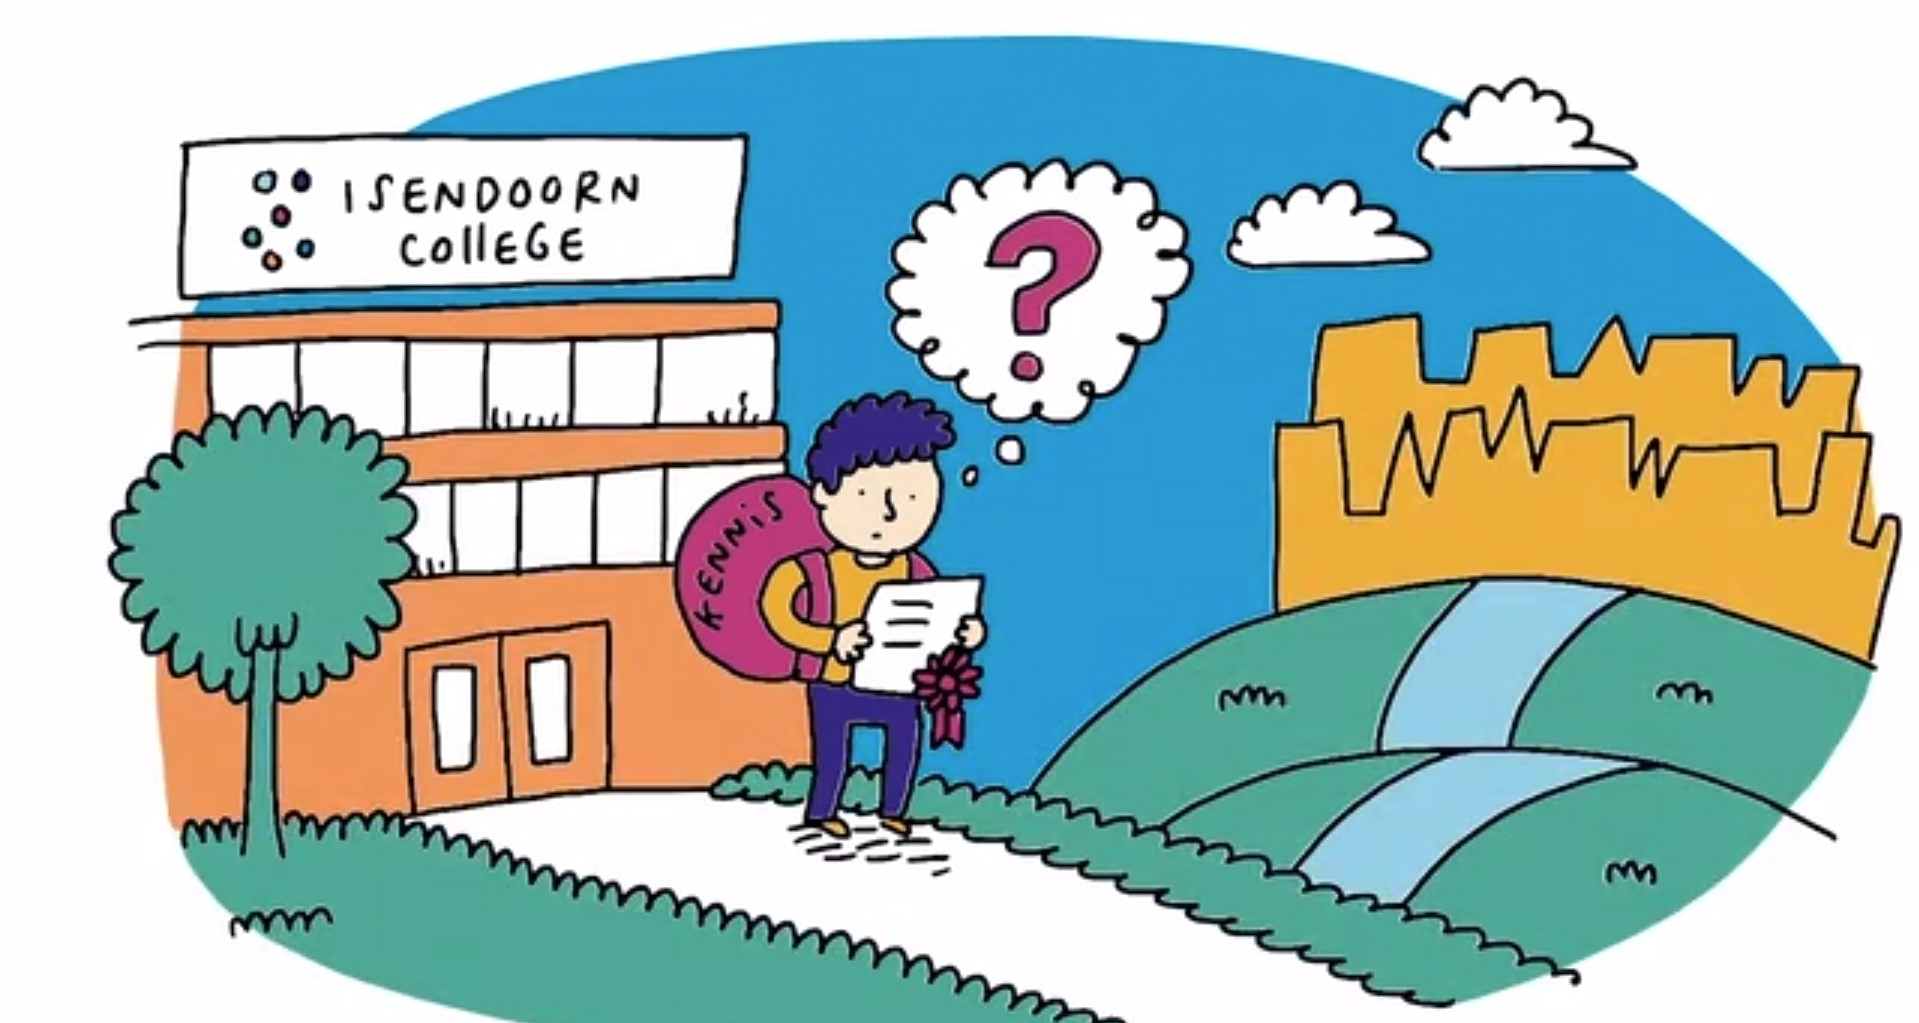 Thumbnail Isendoorn College - ZoomWorks - JPG